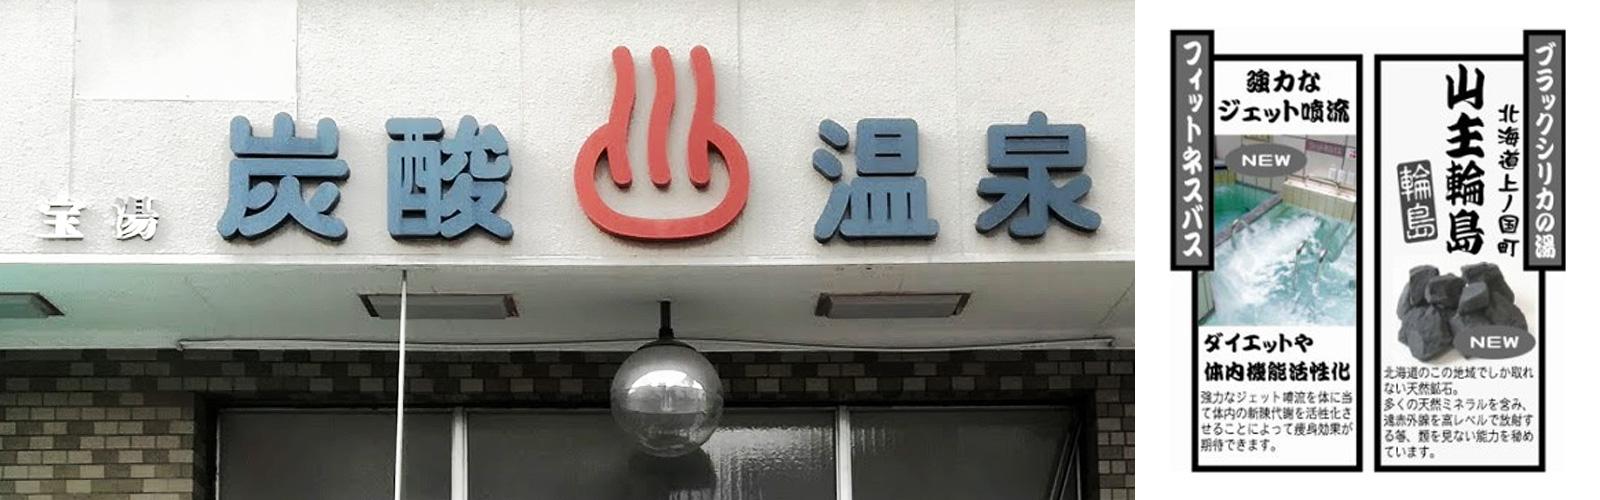 炭酸温泉 宝湯(大阪・十三)